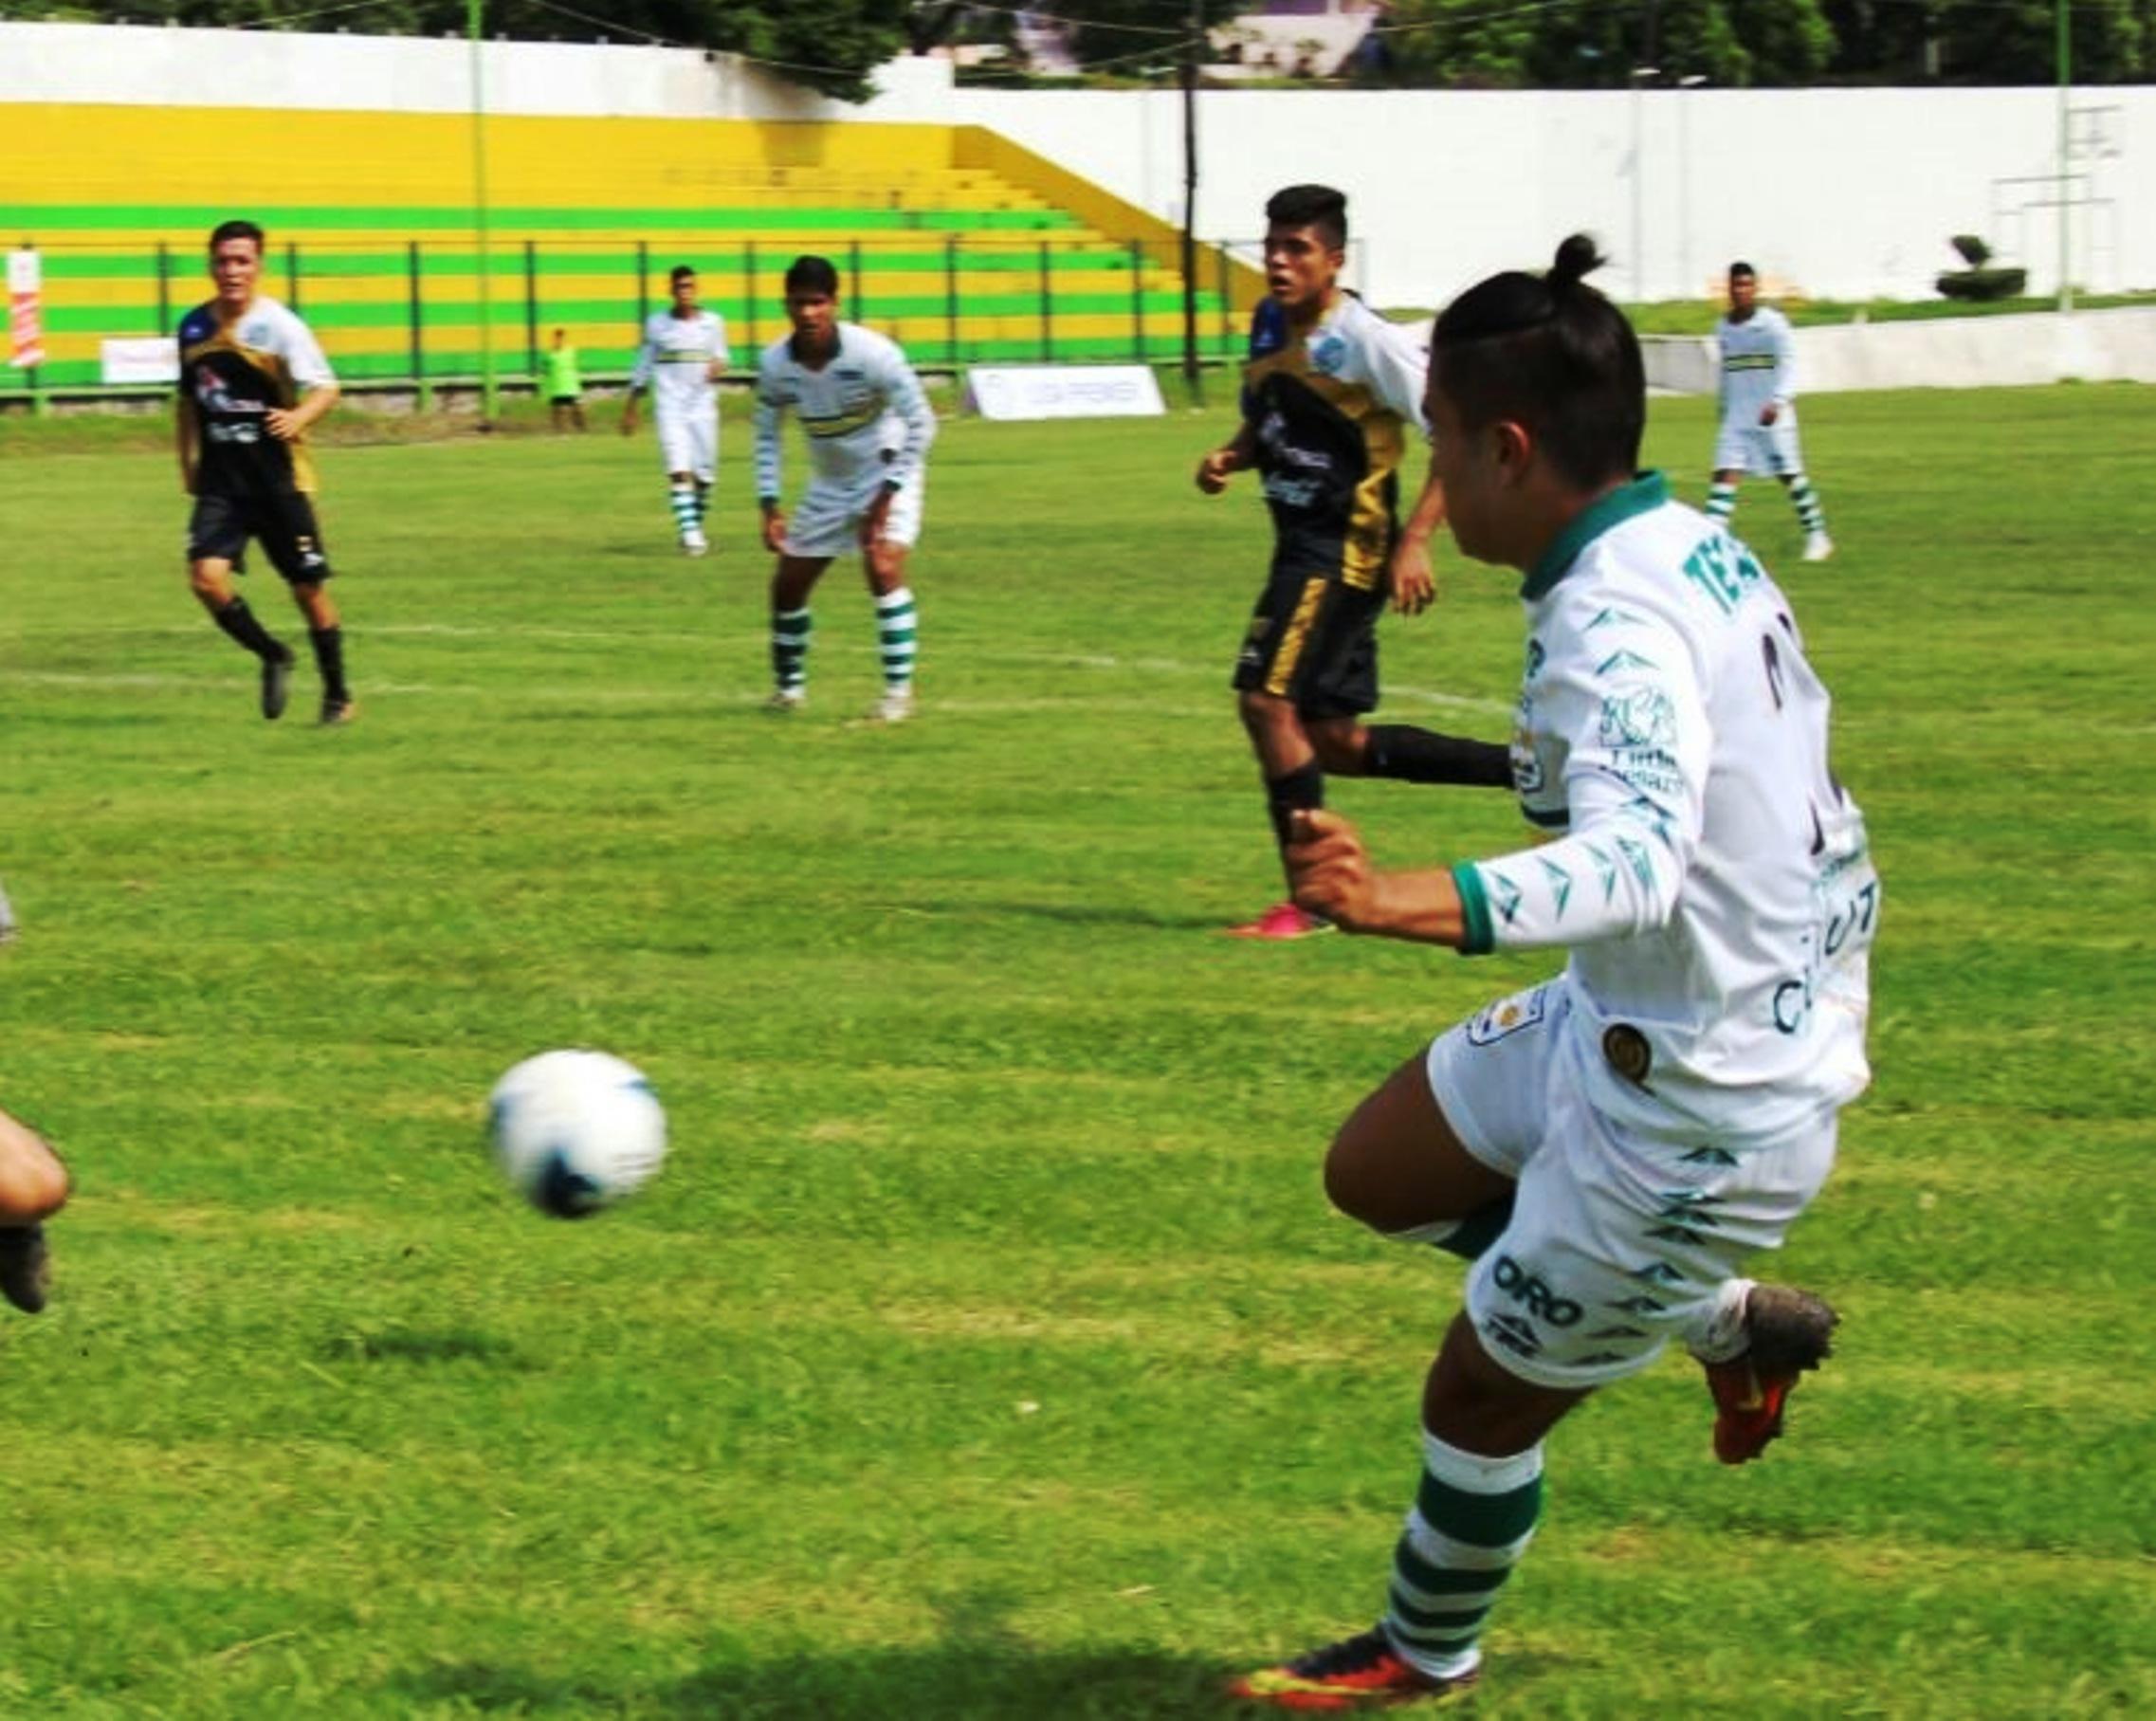 el equipo visitará al Yalmakán en Cancún, el fin de semana. Foto: Óscar Garagui